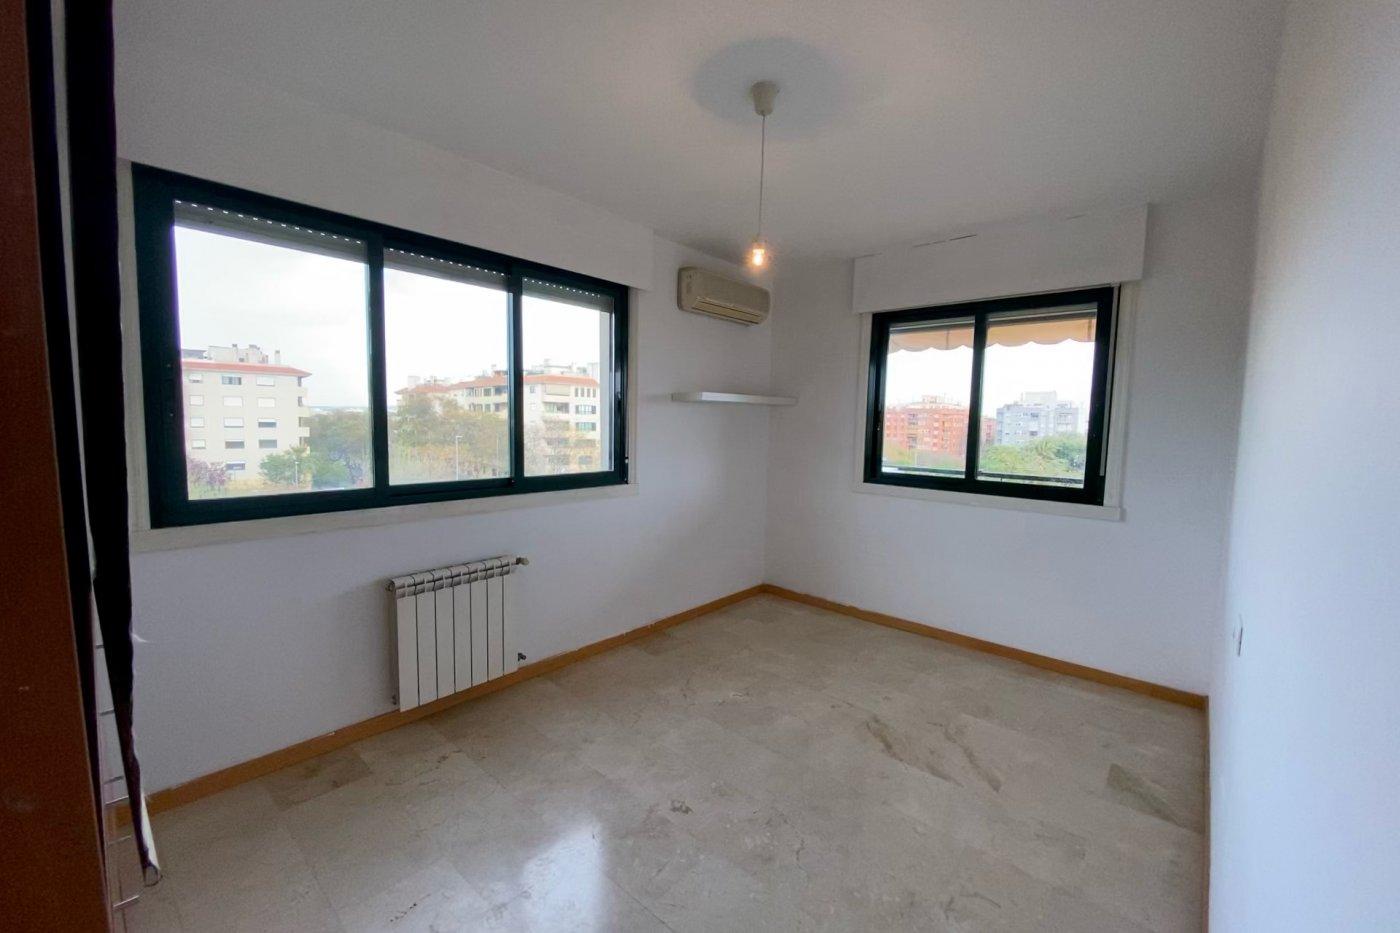 Piso sin muebles de 105 m² de superficie en zona residencial de son cotoner, palma de mall - imagenInmueble9